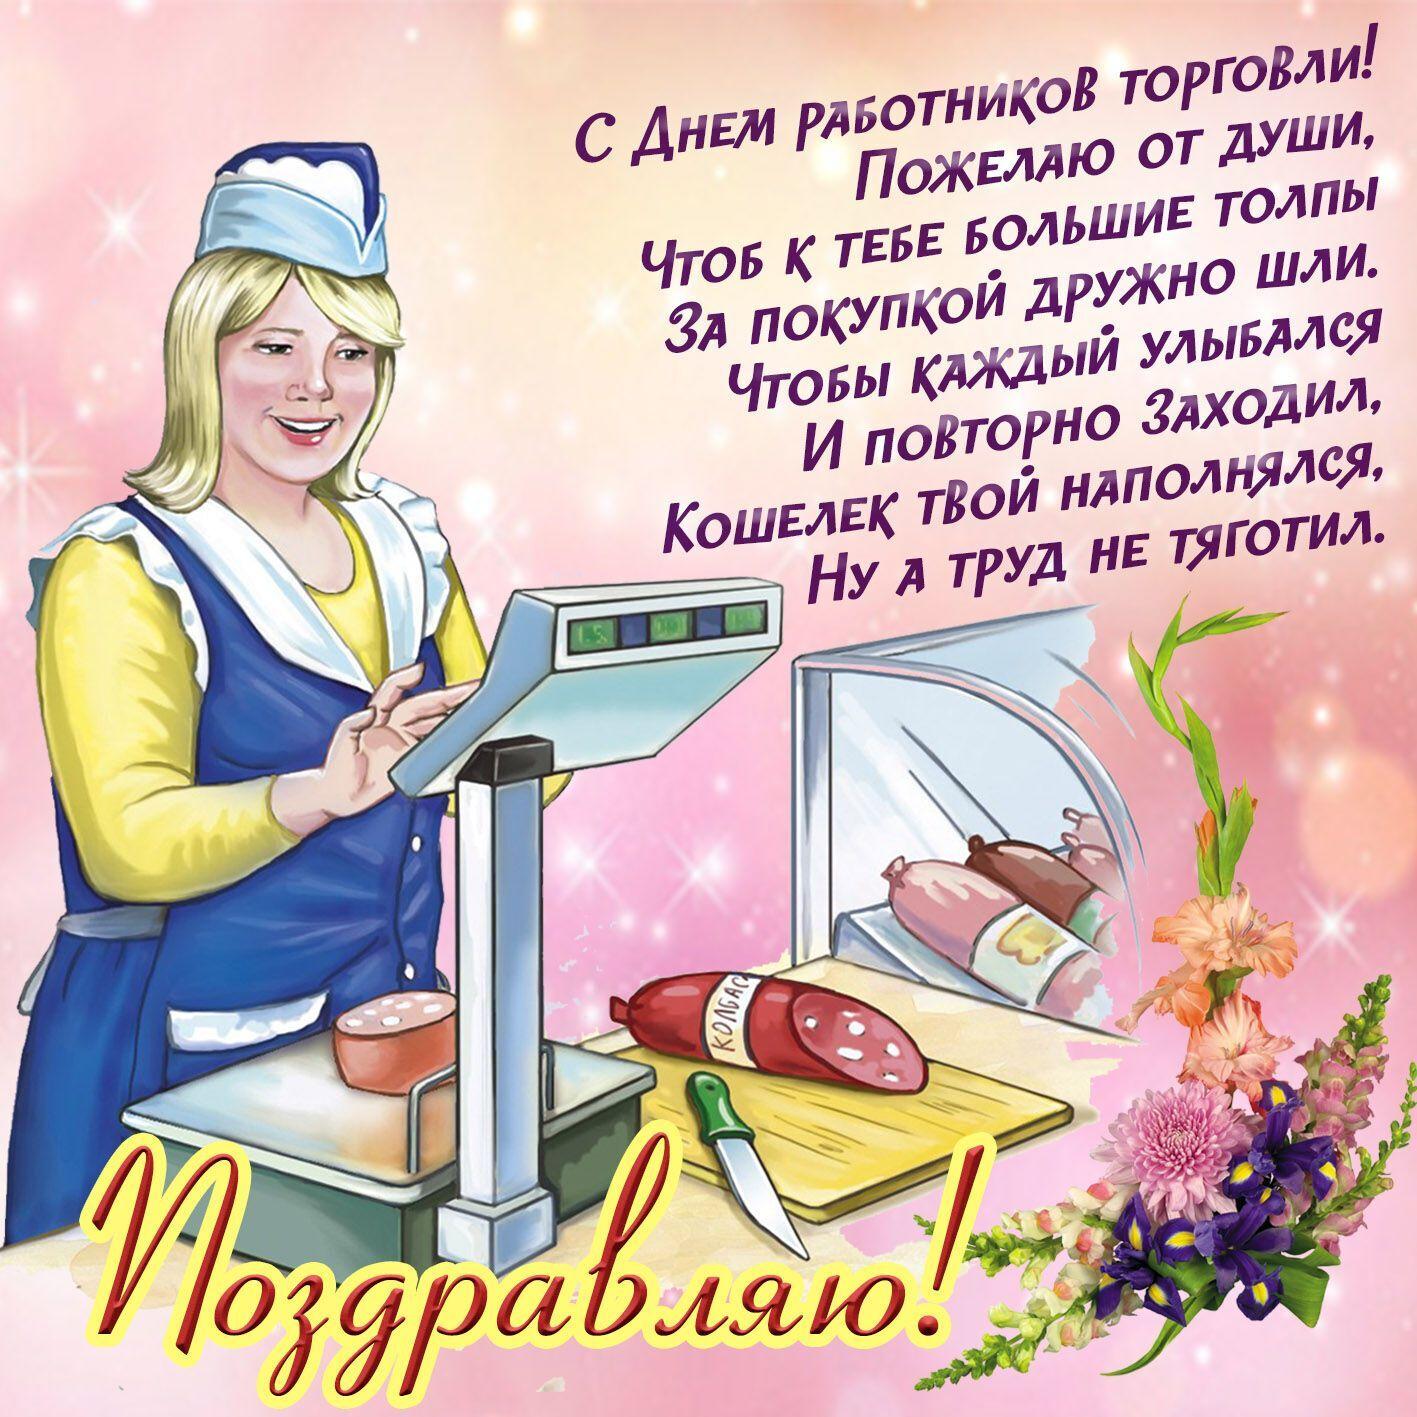 Пожелания в День торговли Украины